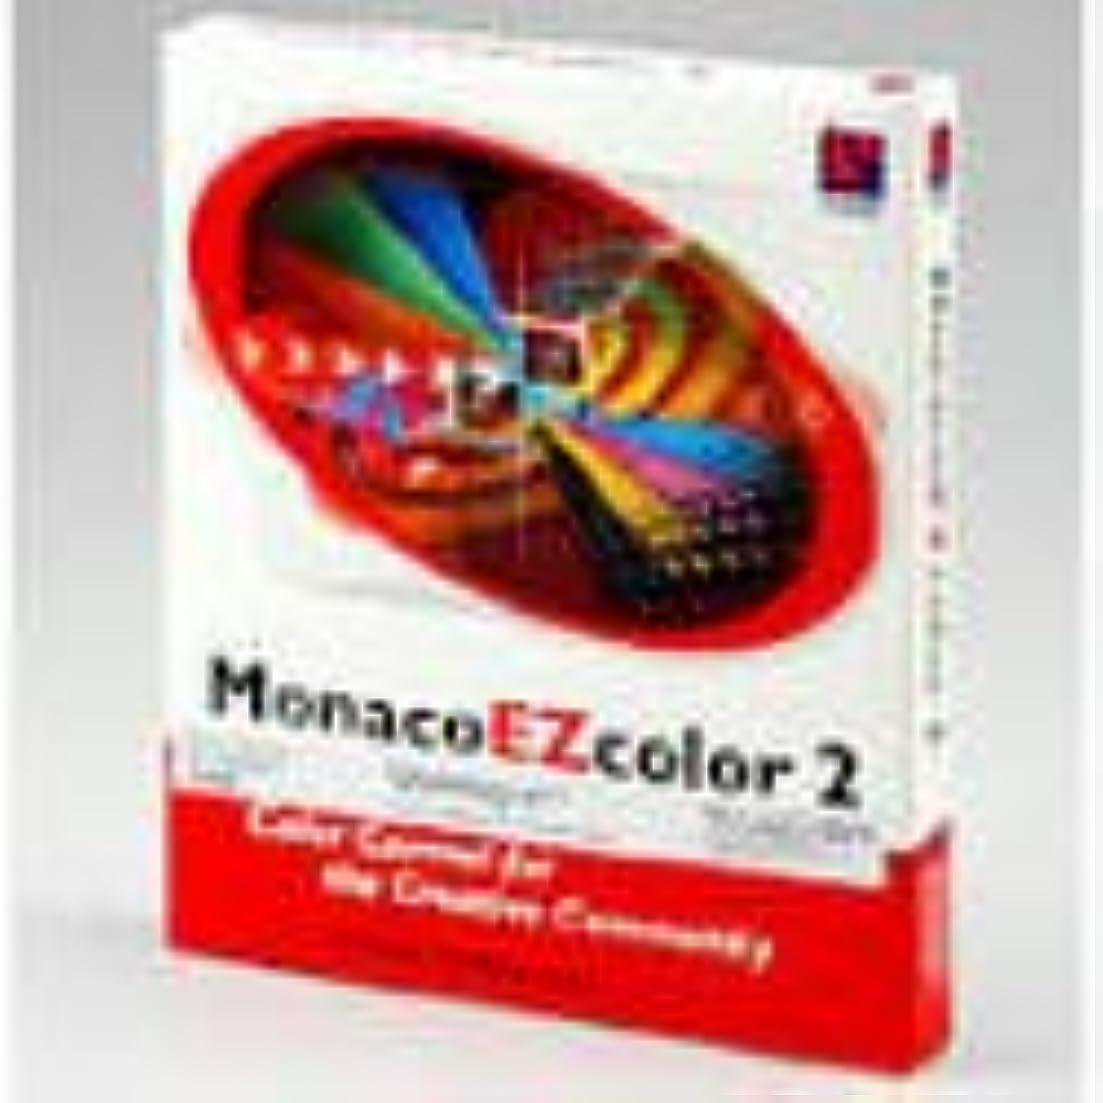 誰のジェット有利Monaco EZ color 2.5 日本語版